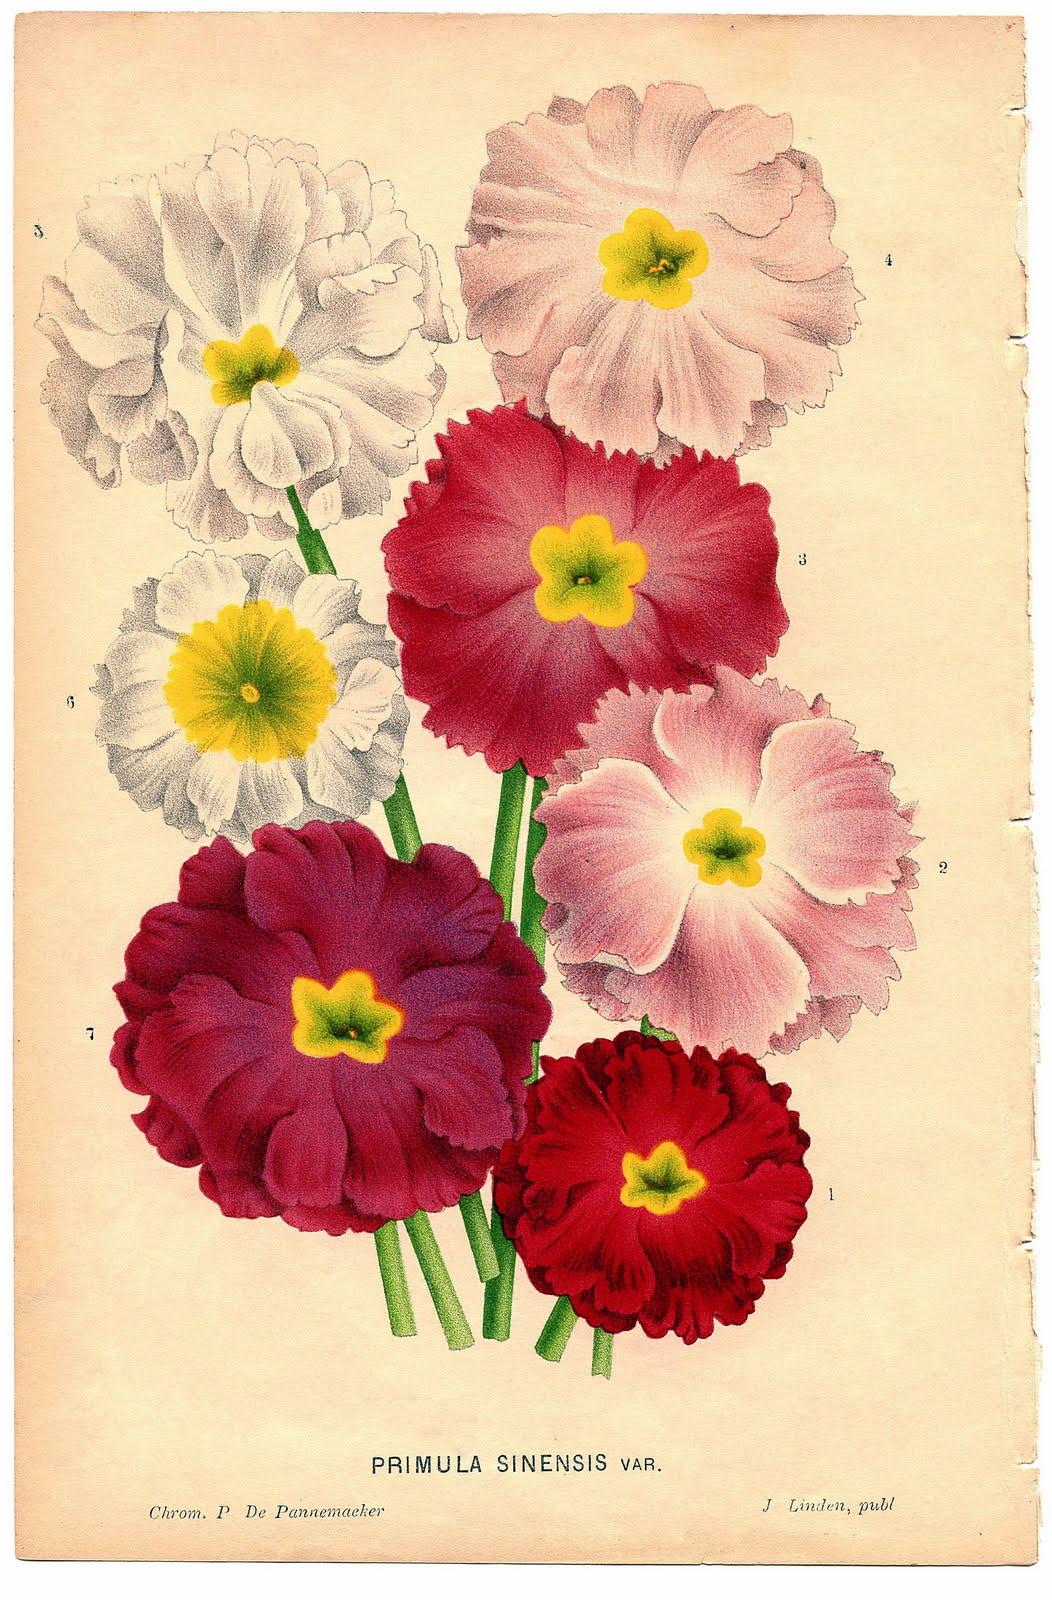 Antique Botanical Ephemera Image - Flowers - The Graphics ...